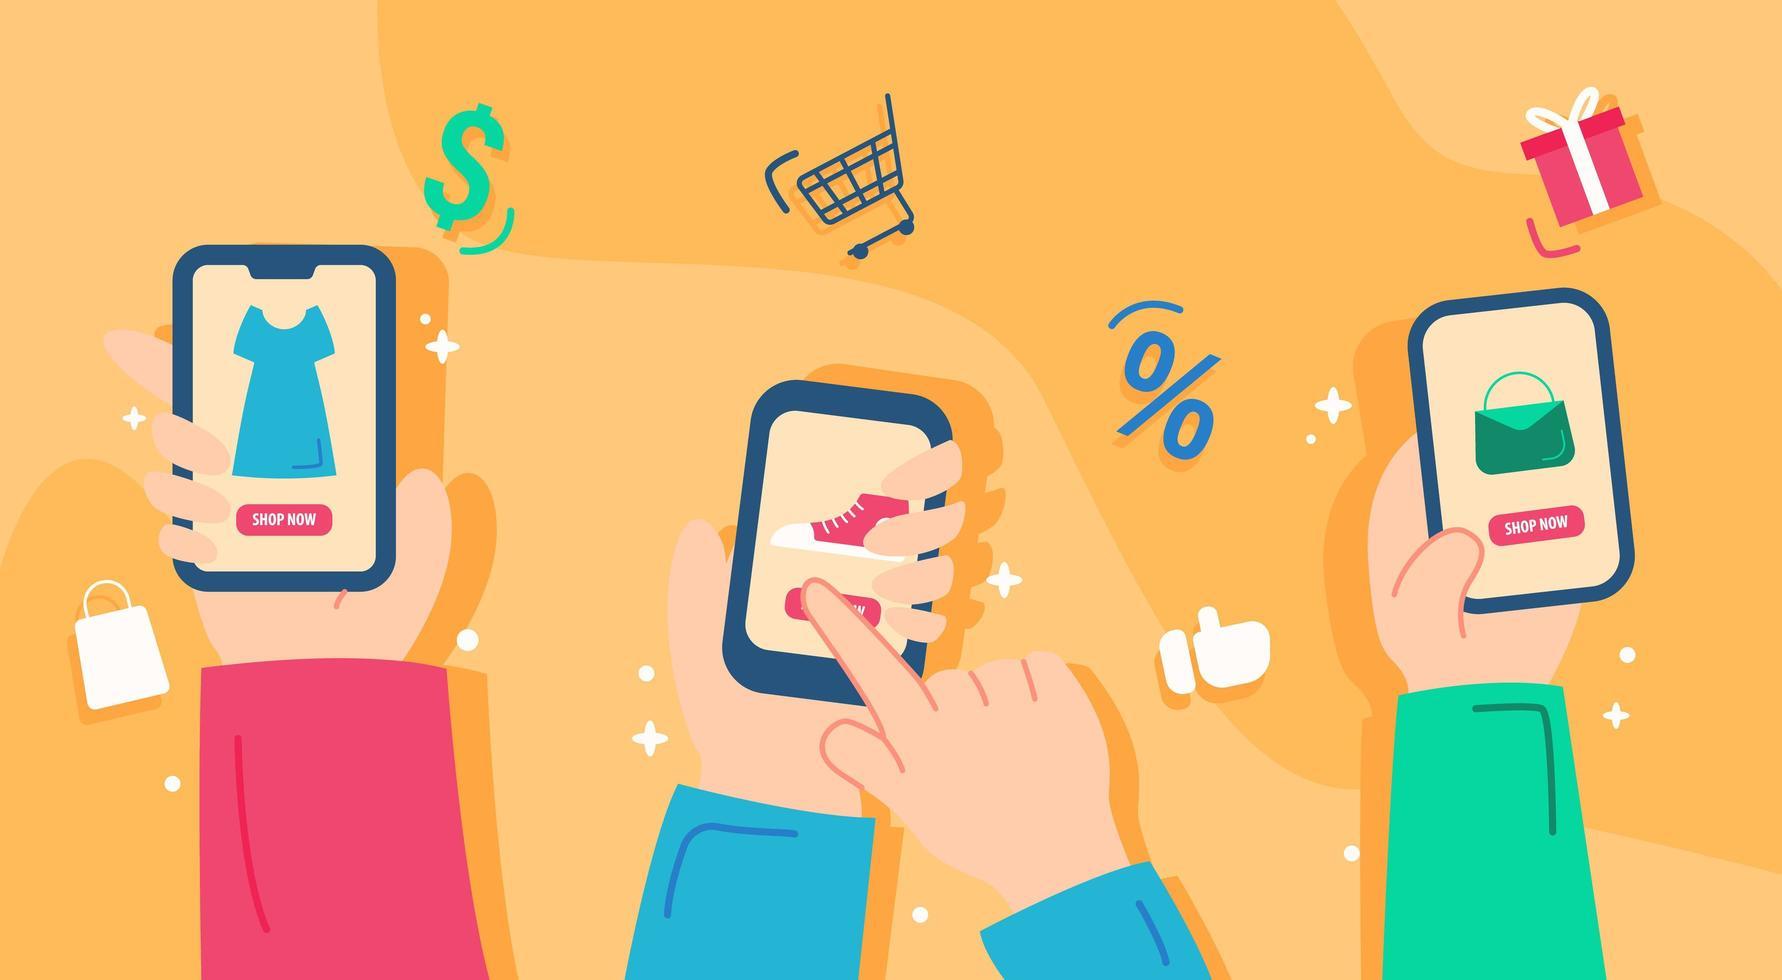 progettazione della tecnologia smartphone e-commerce vettore